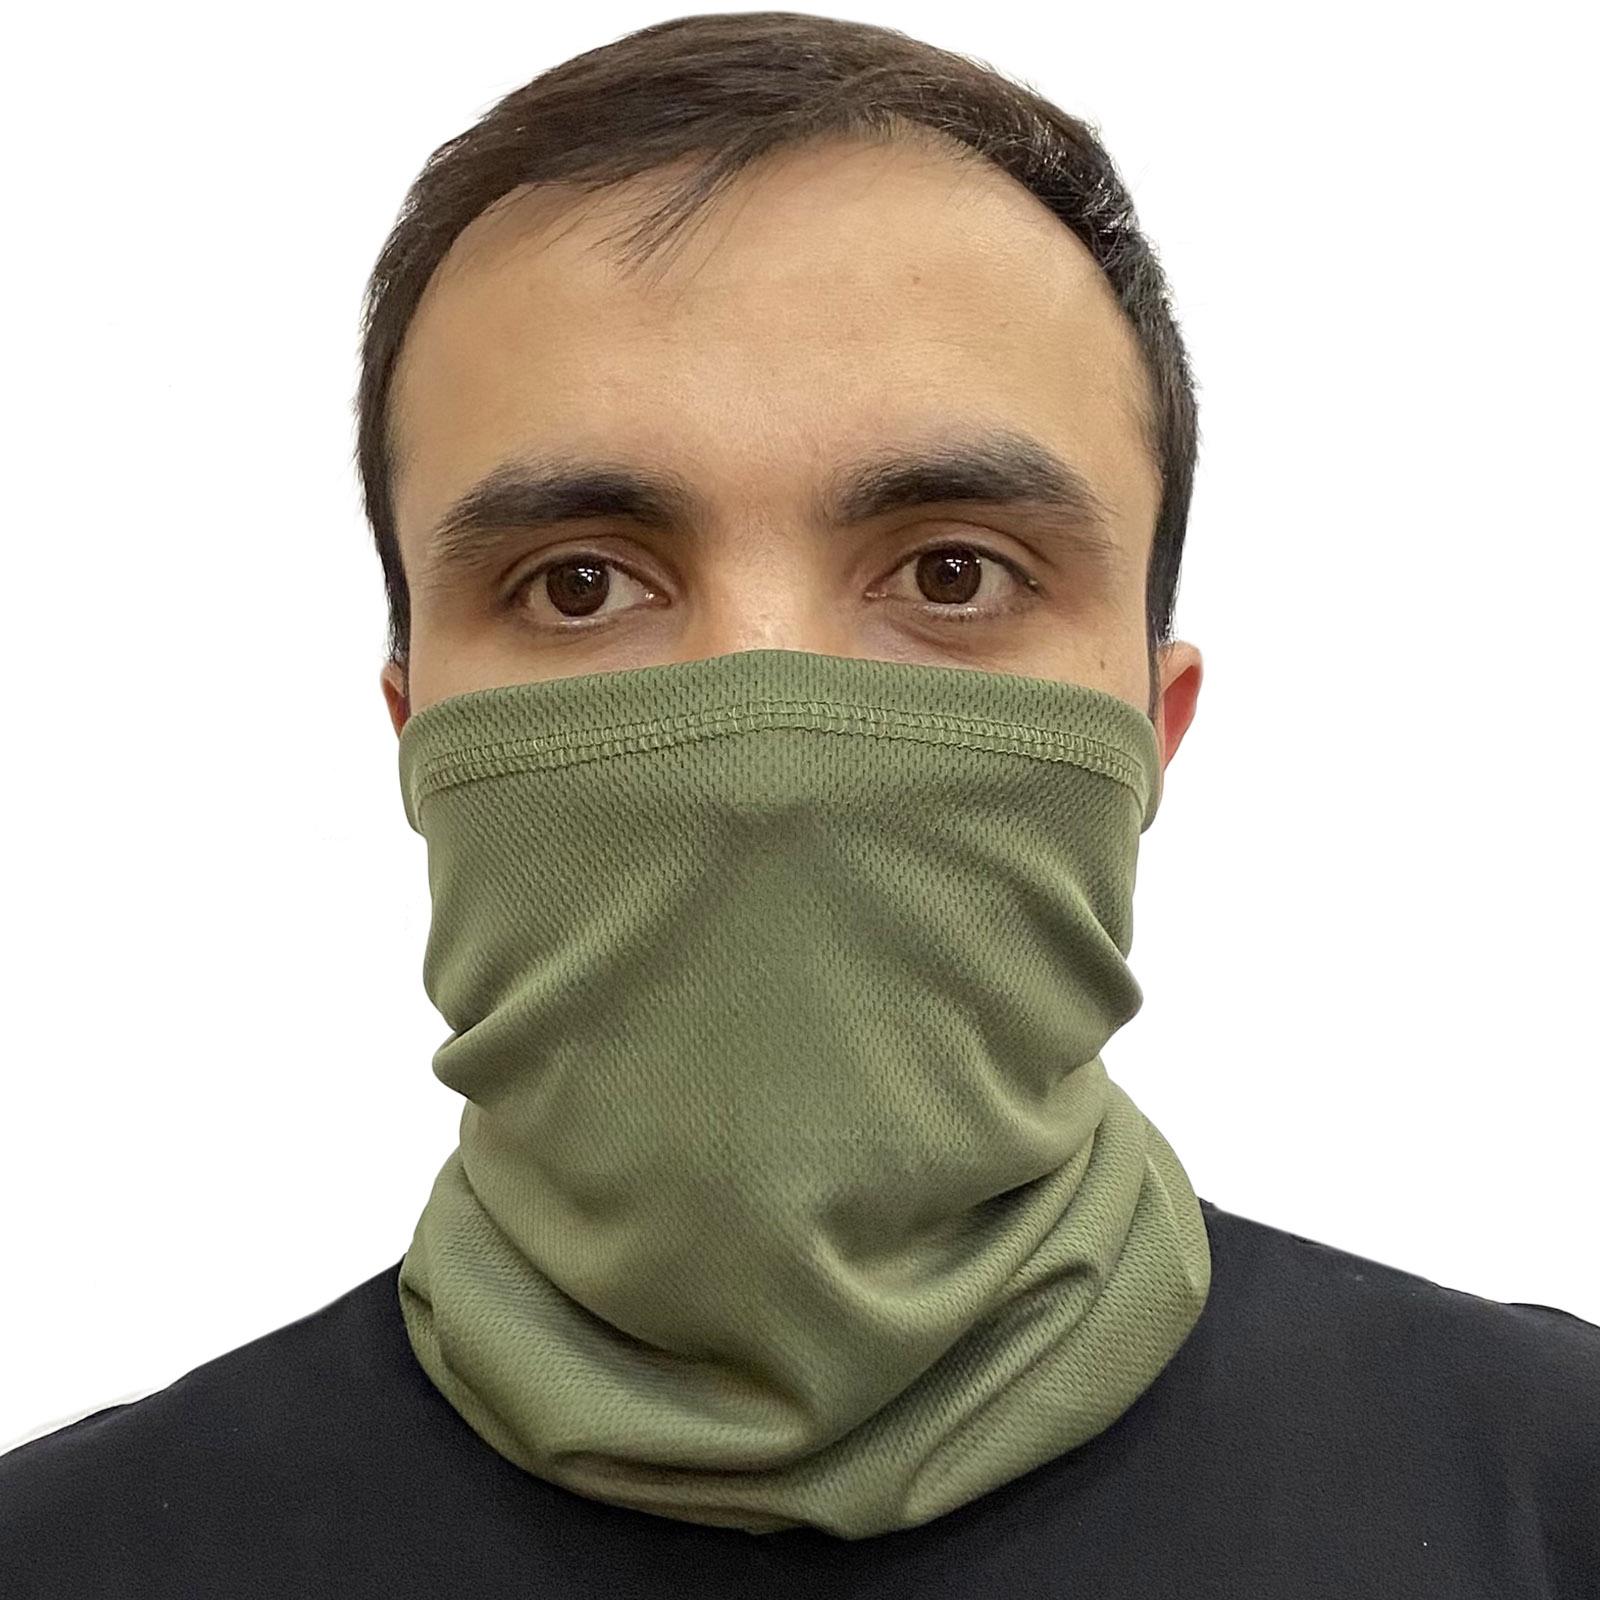 Заказать маску в виде трубы в интернет магазине